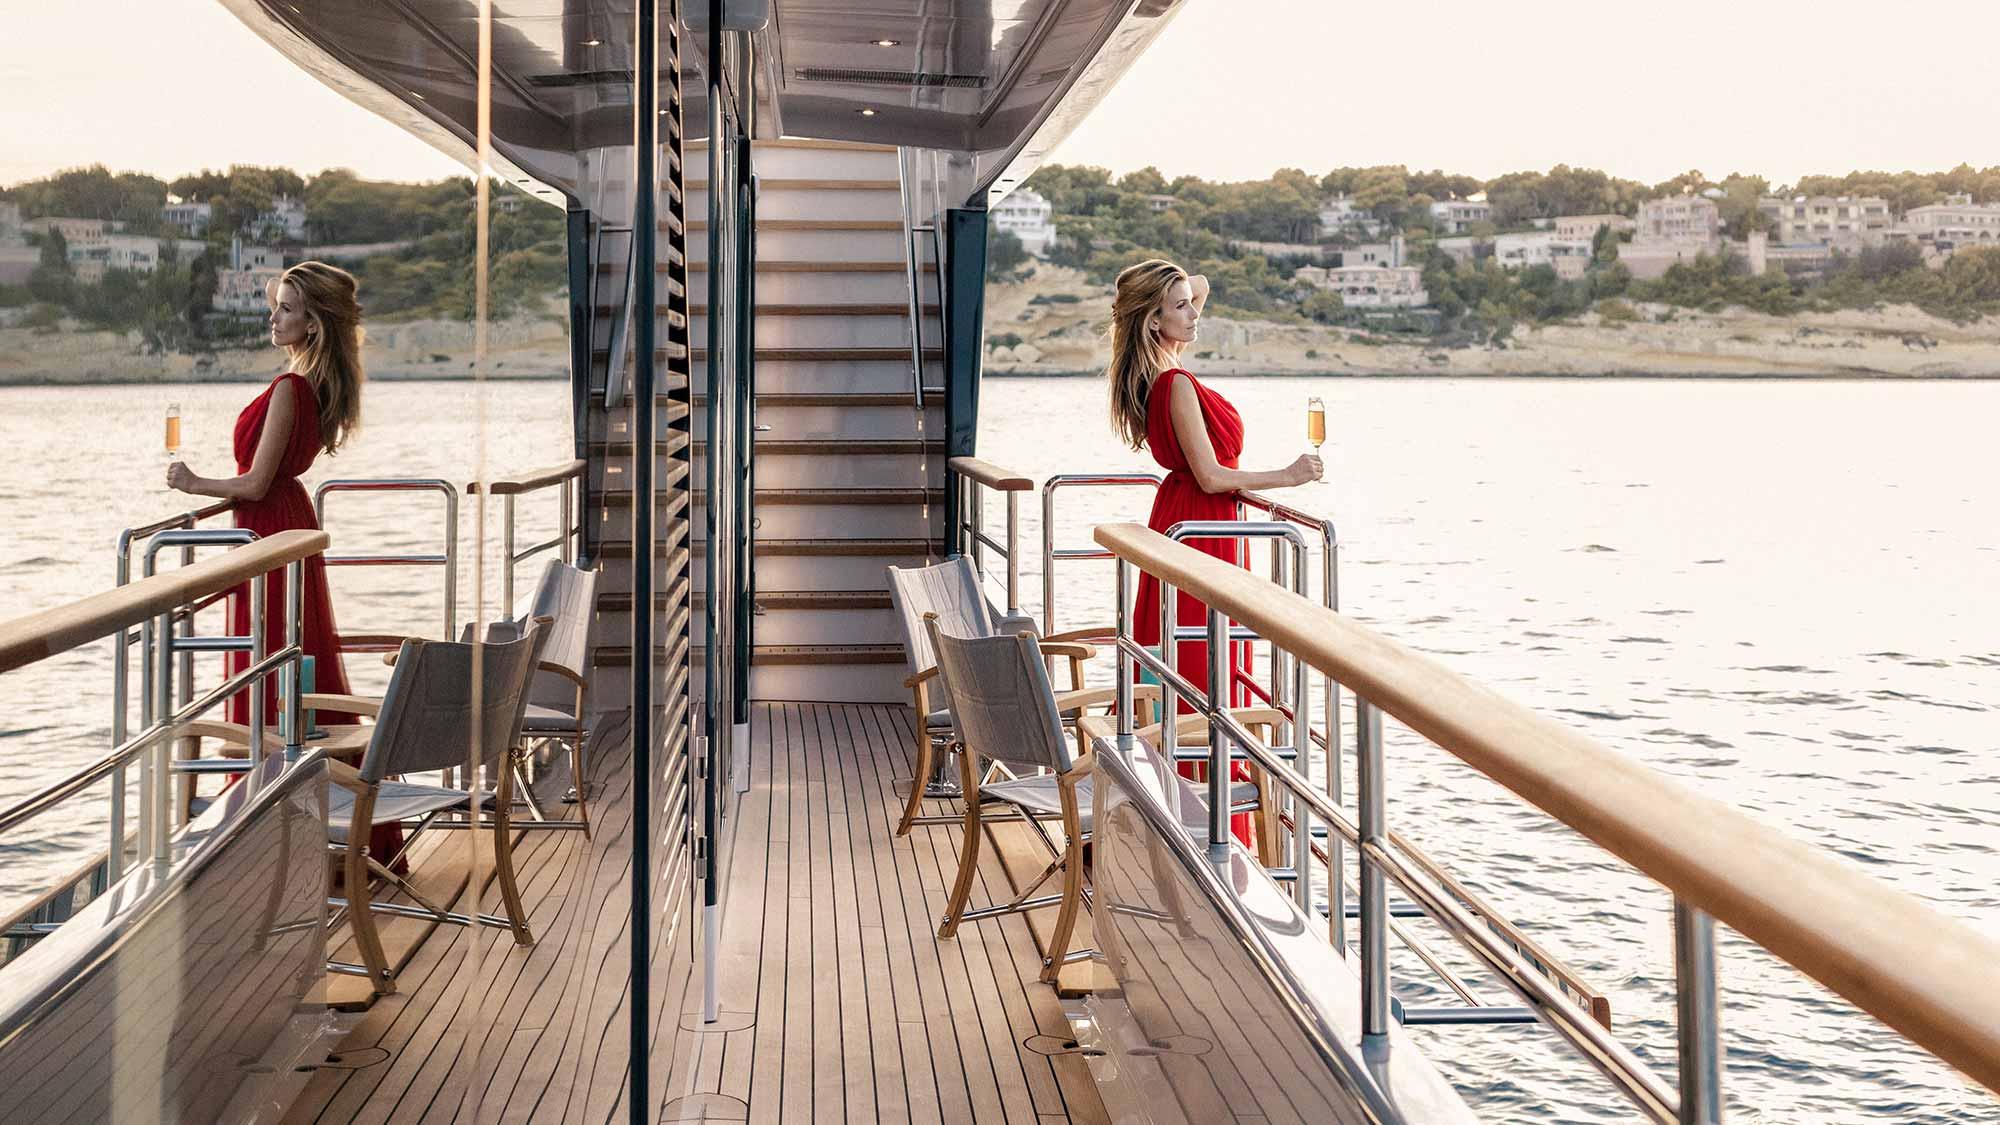 Deck Superyacht Lifestyle